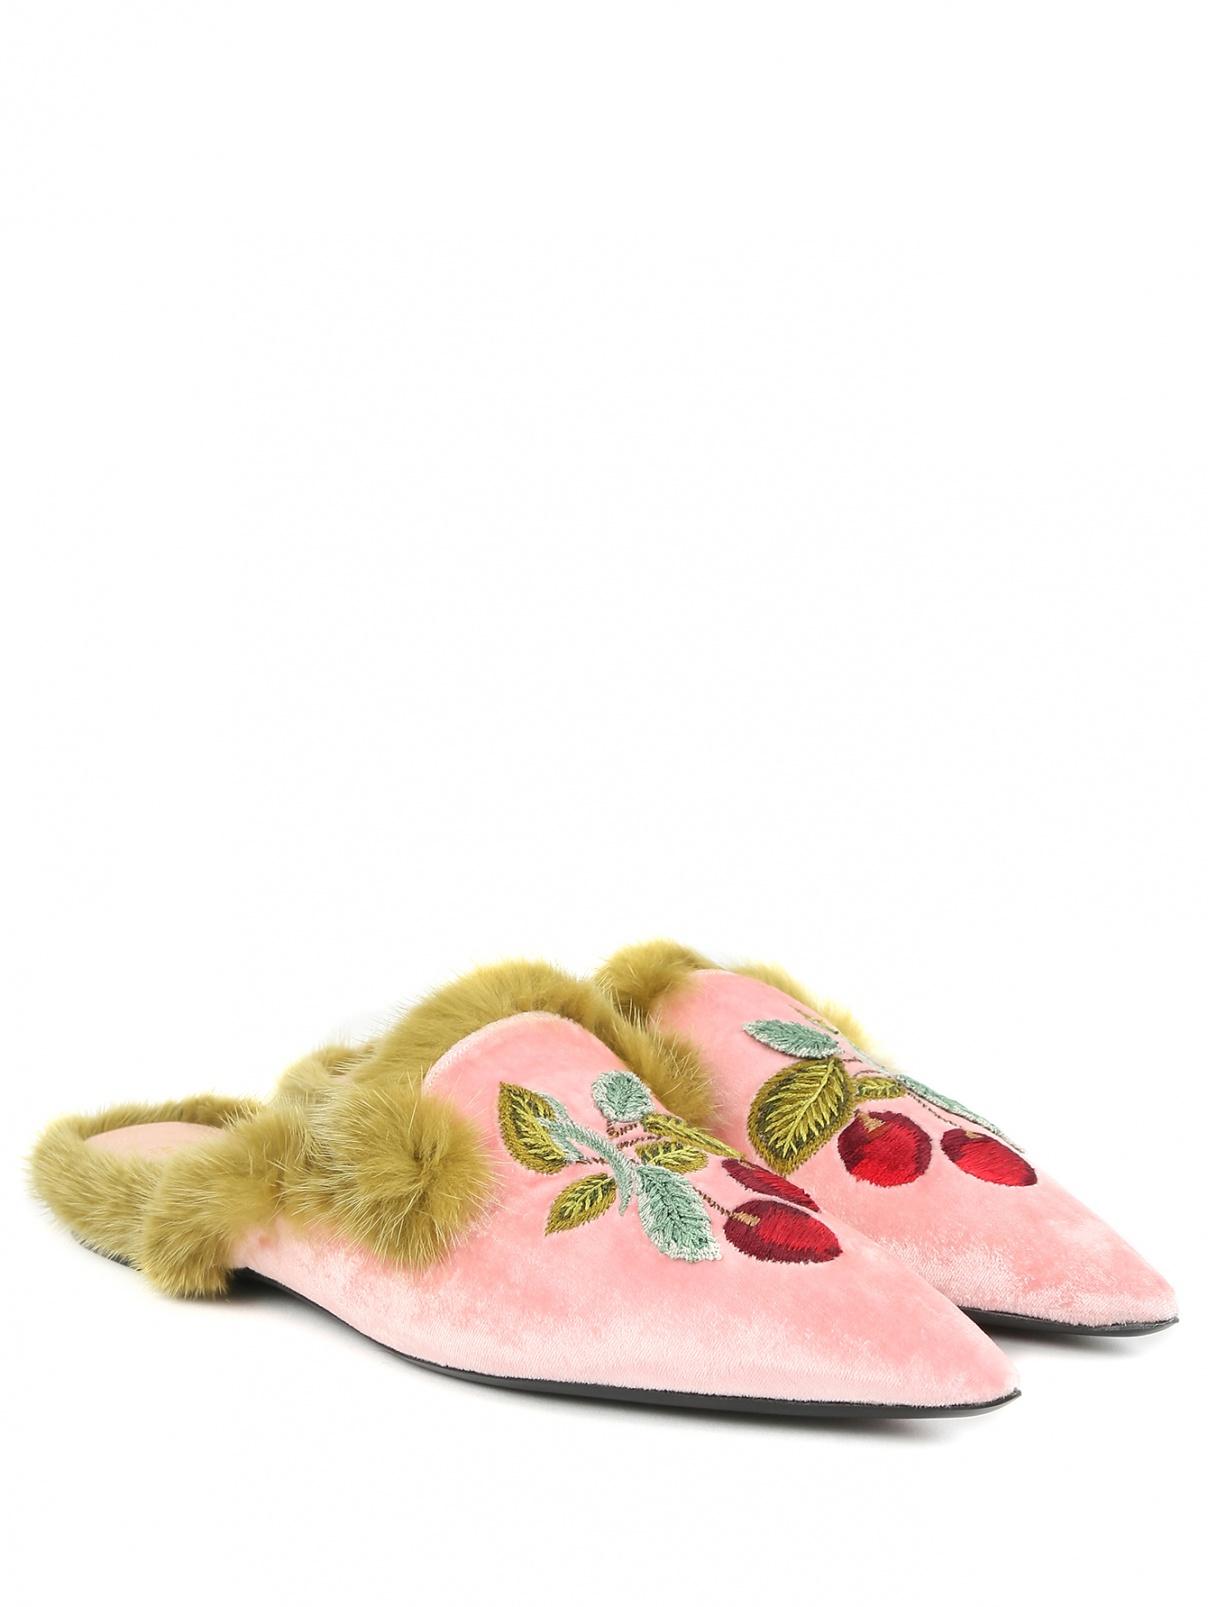 Мули из бархата с вышивкой и декоративной меховой отделкой Alberta Ferretti  –  Общий вид